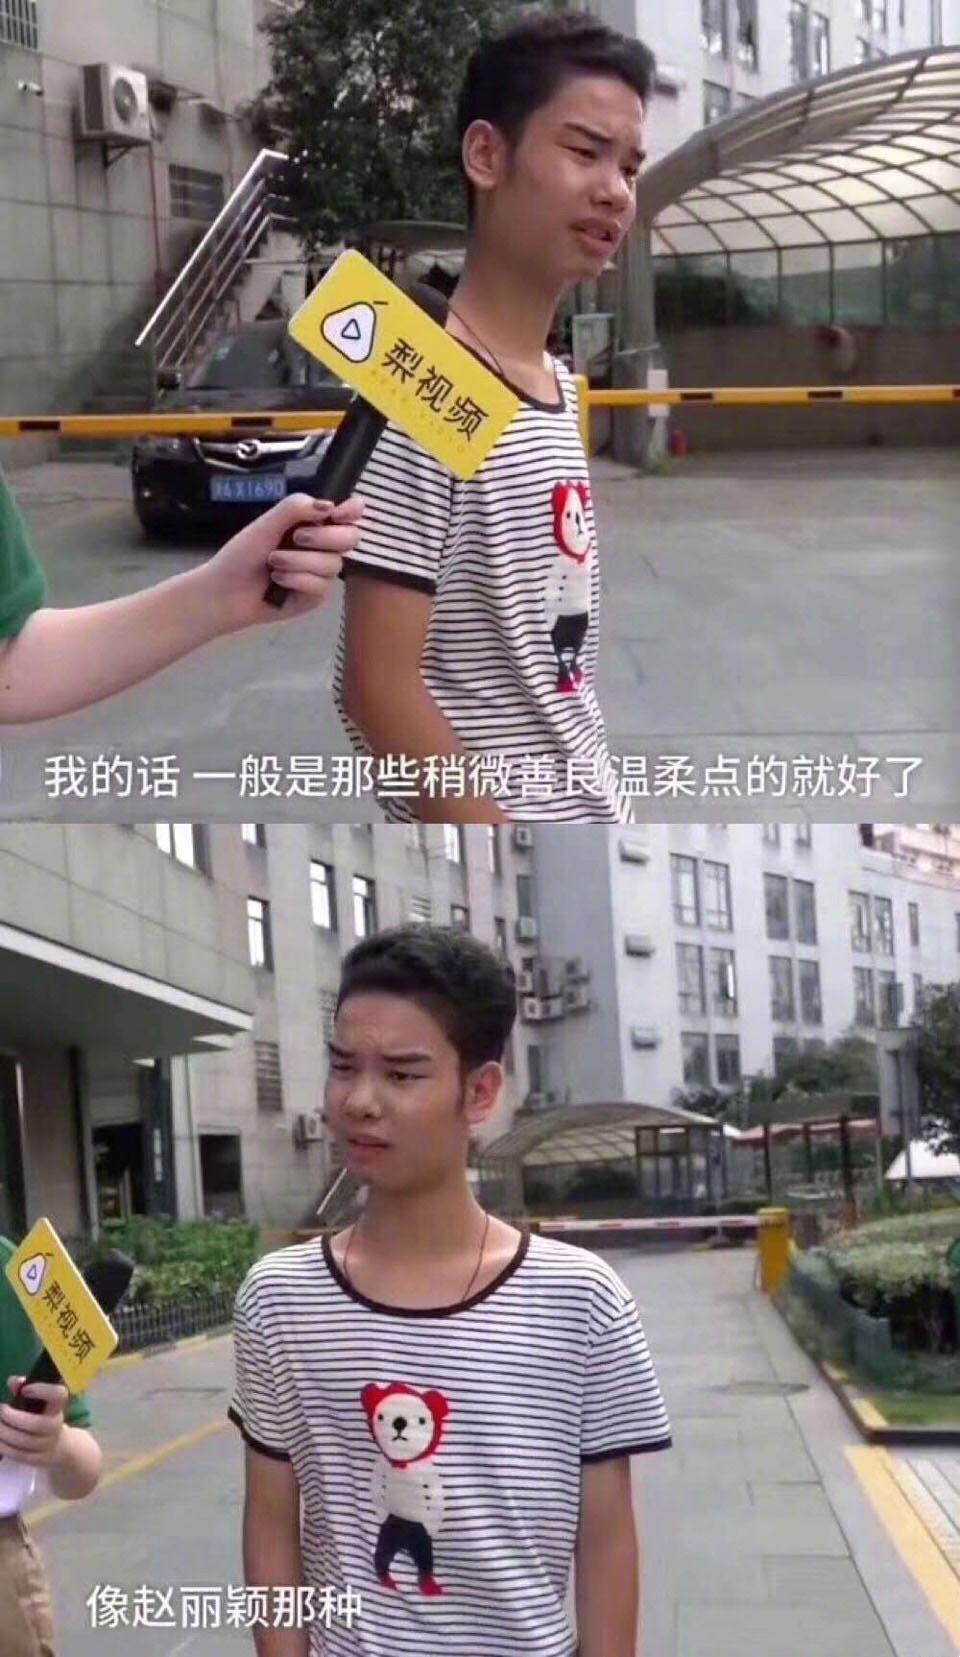 全網都在祝福馮紹峰趙麗穎之時,有人在照片中發現了這個細節